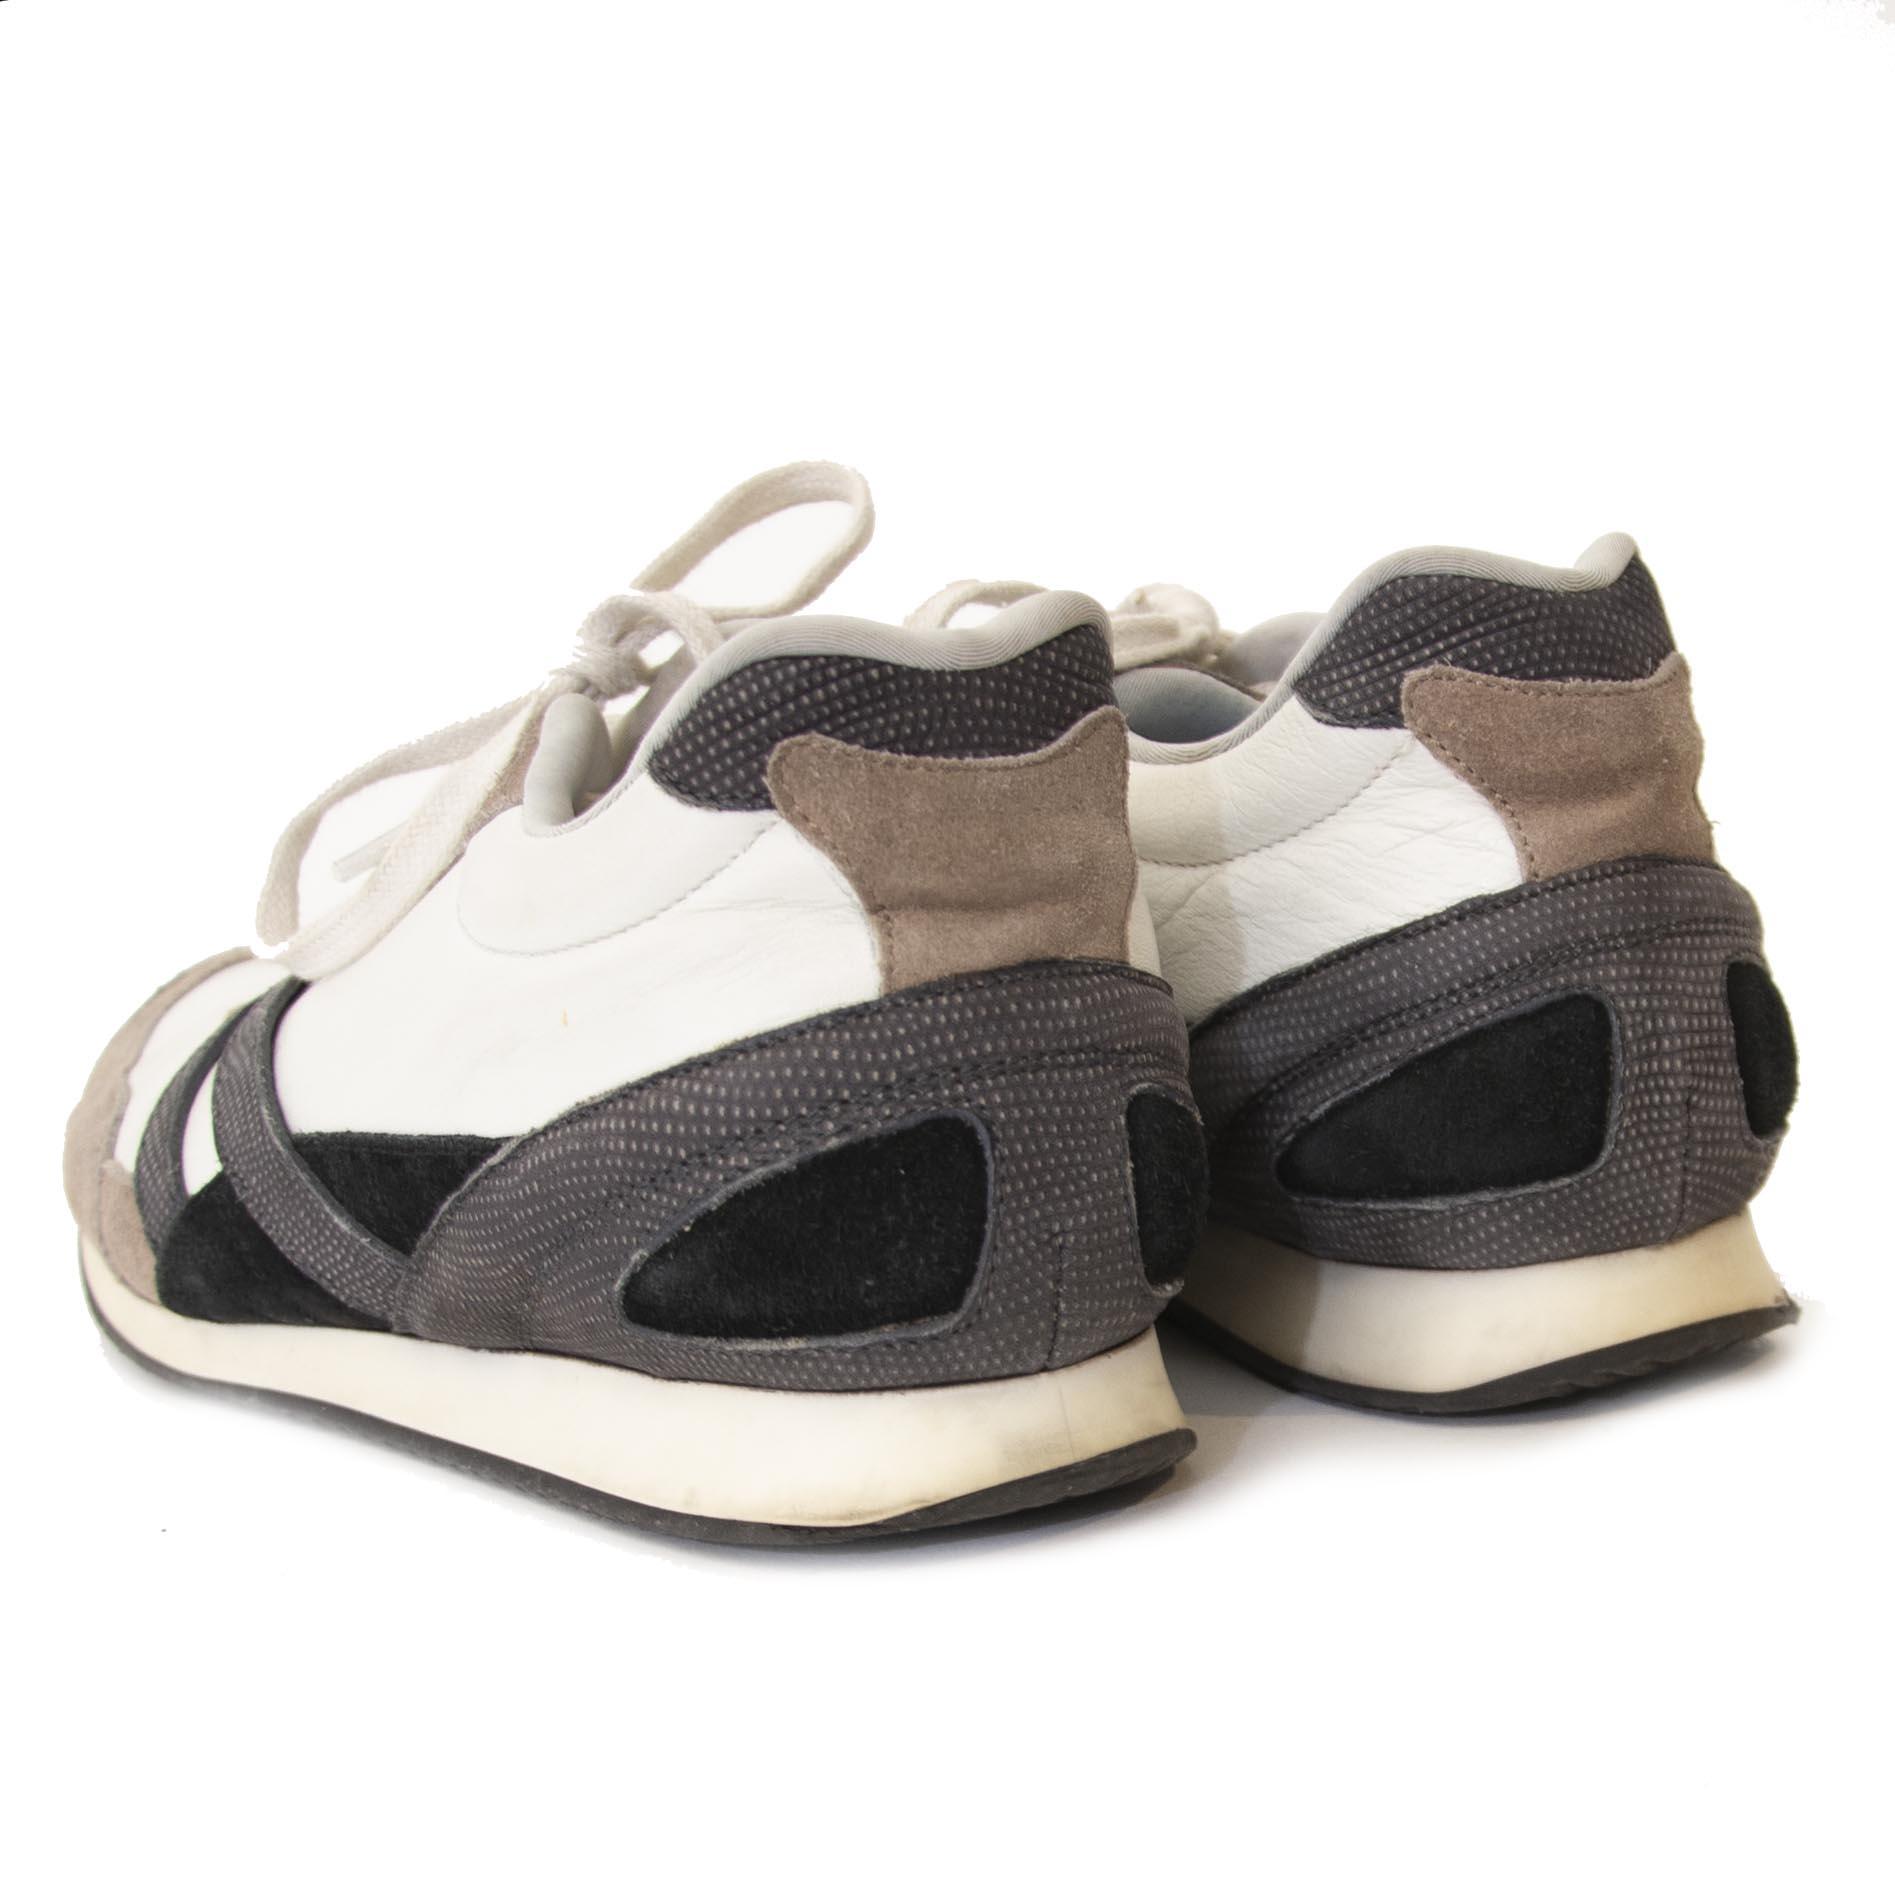 Tweedehands Balenciaga sneakers bij Labellov. Veilig online winkelen